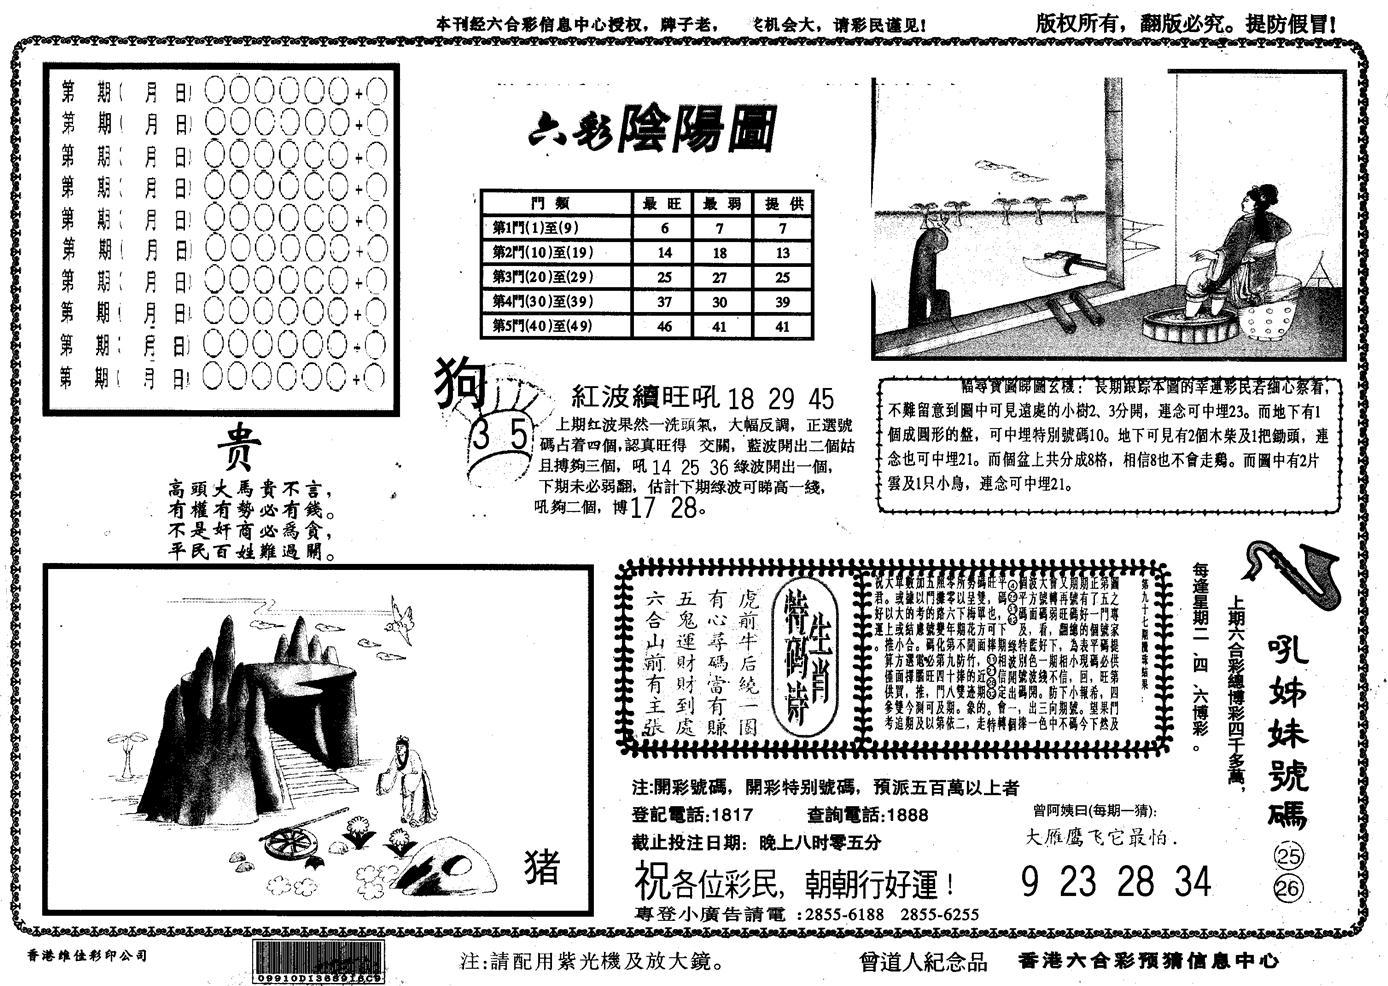 066期另版六彩阴阳(黑白)